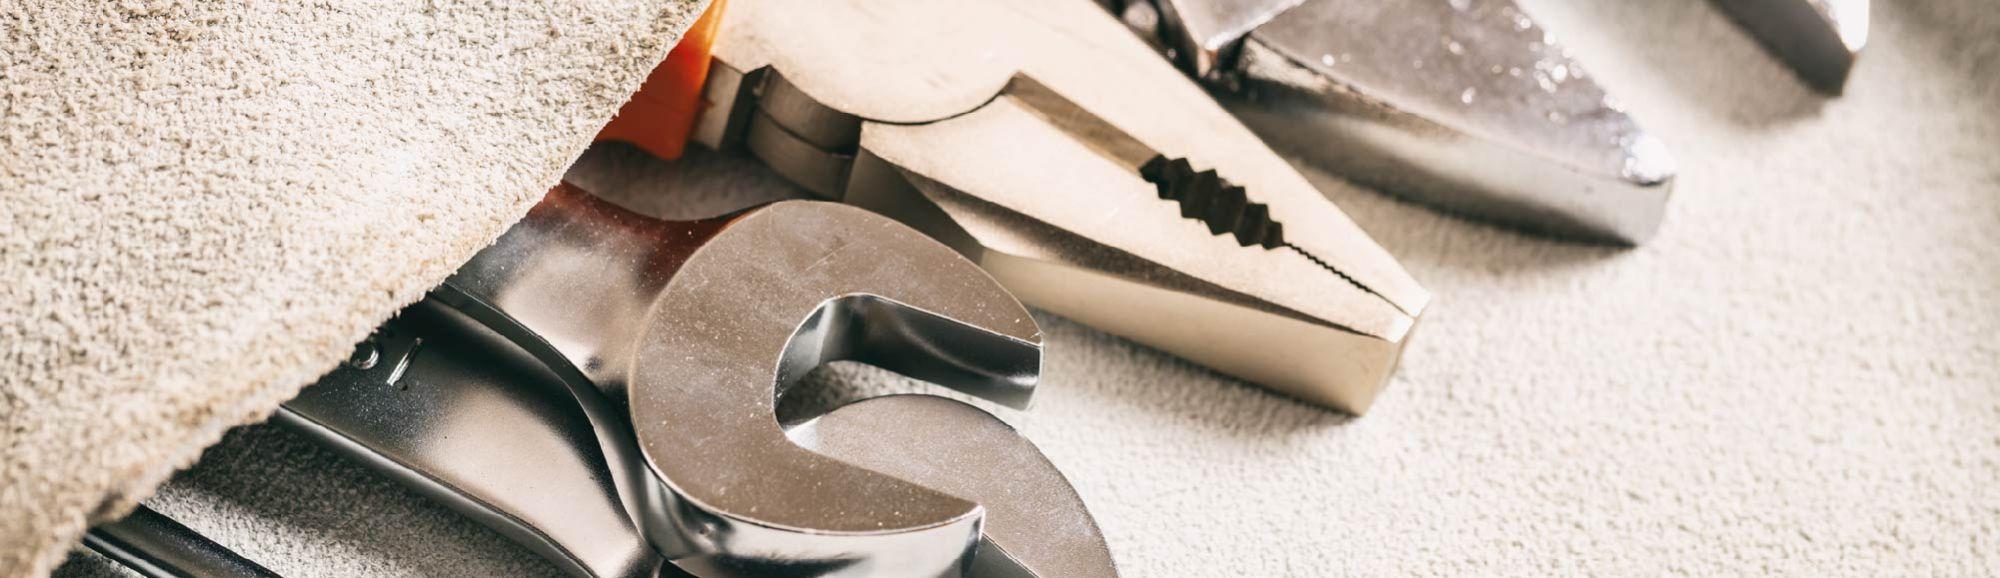 פרזול, כלי עבודה מקצועים, הספקה טכנית  גראציאני תעשיות